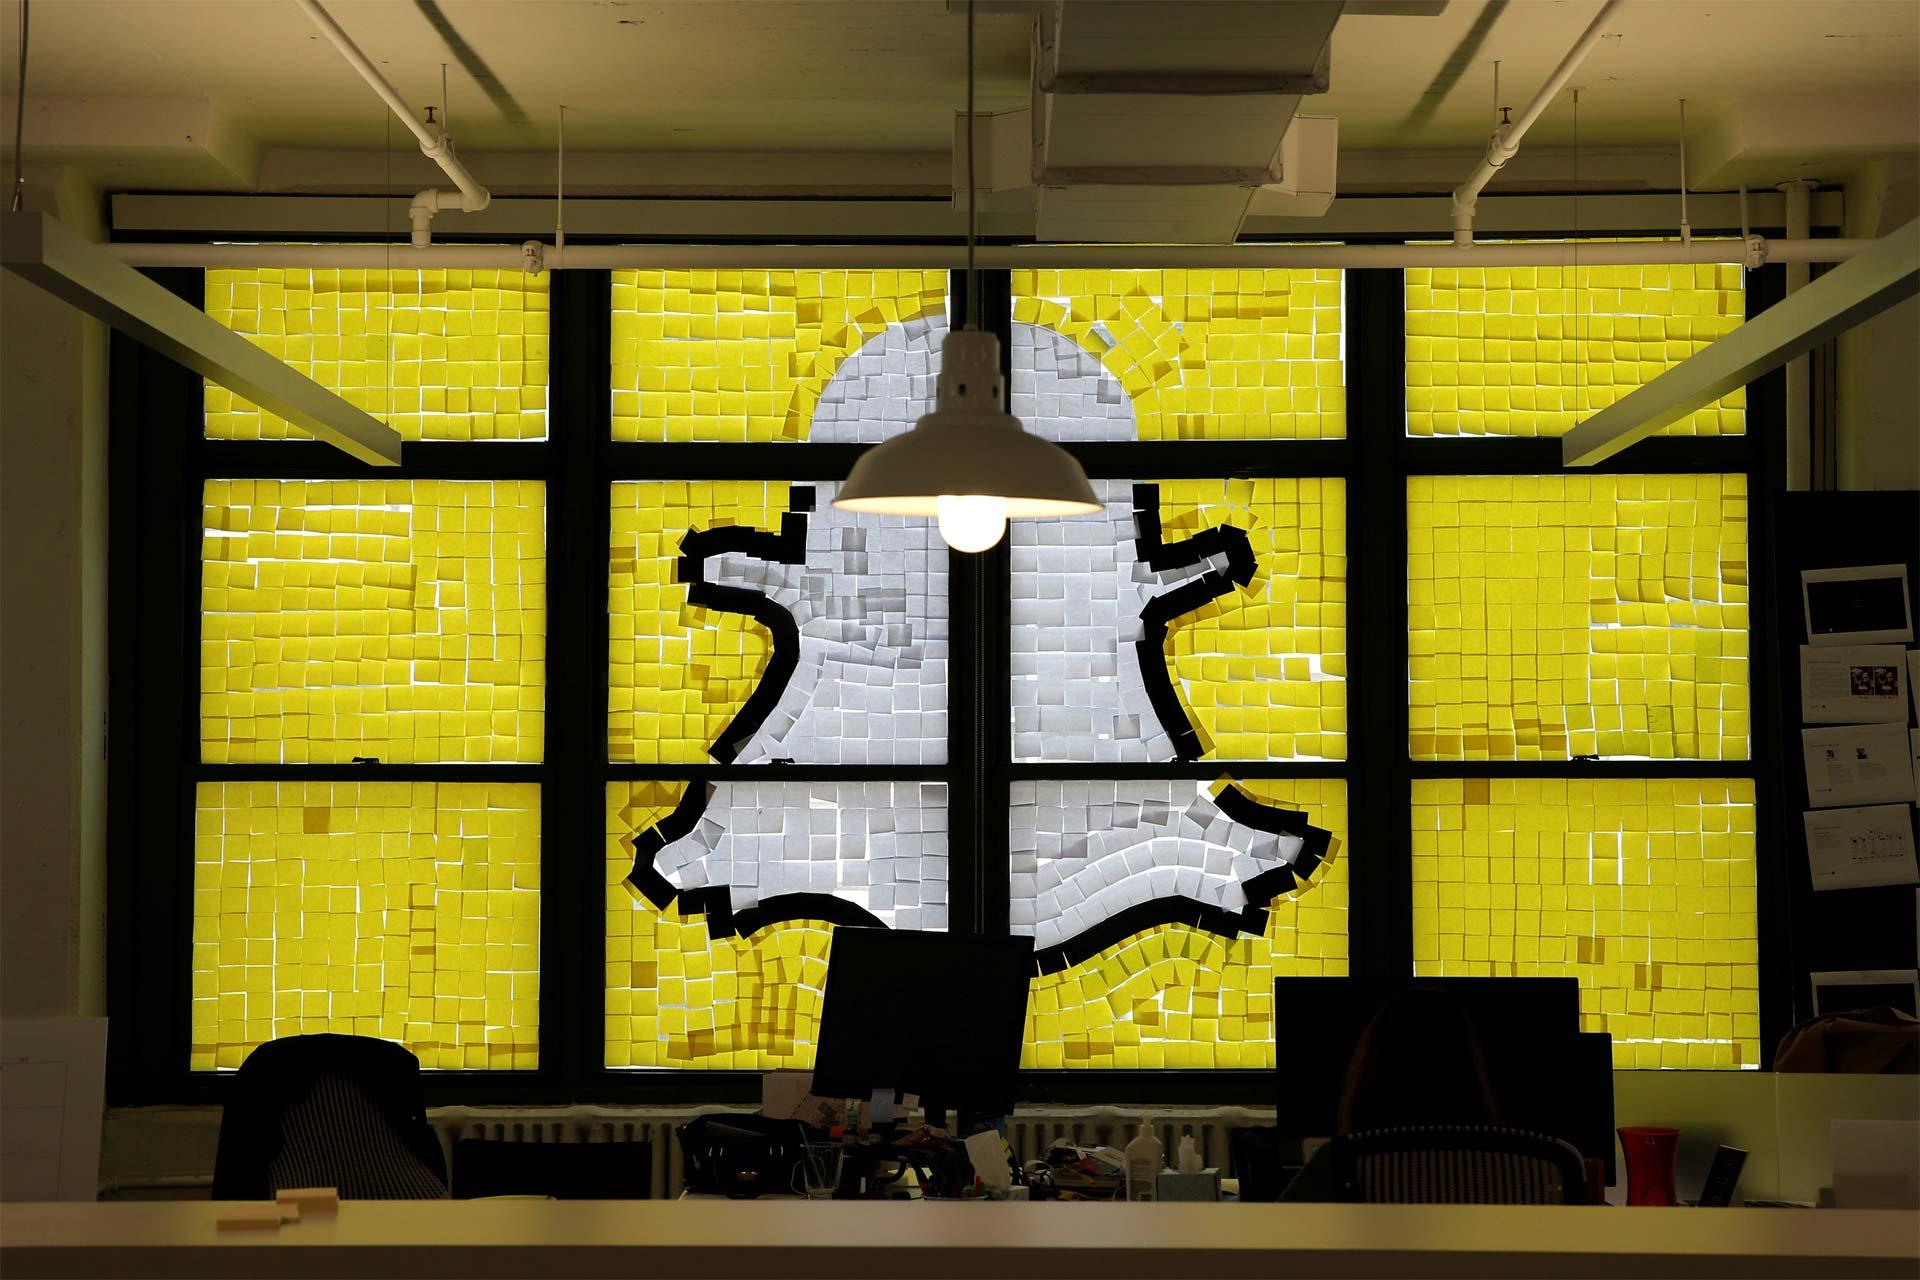 La app de contenido social se está convirtiendo en un medio muy efectivo para transmitir noticias